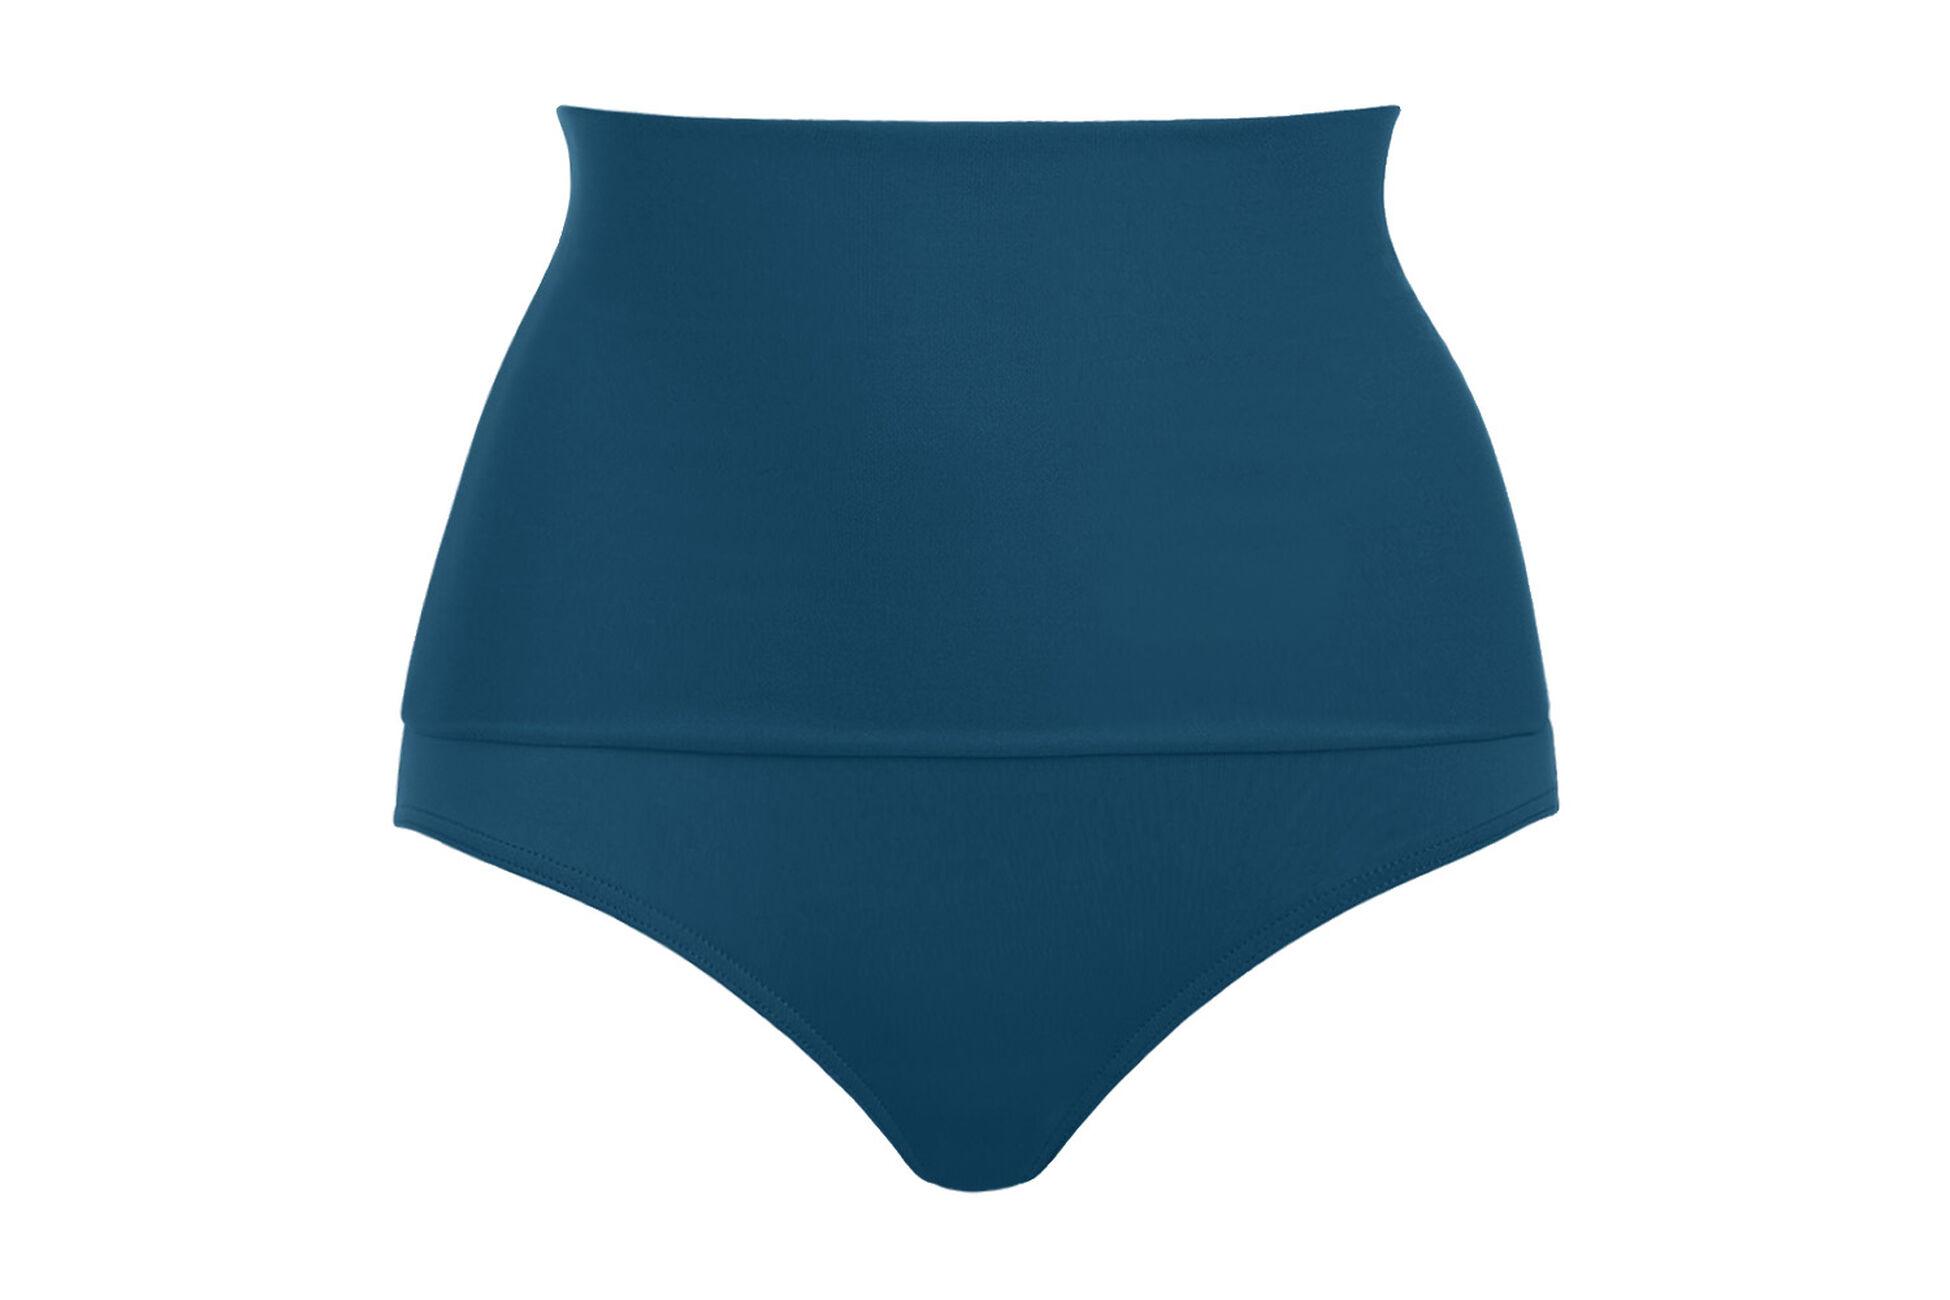 Gredin High-waisted bikini briefs standard view �